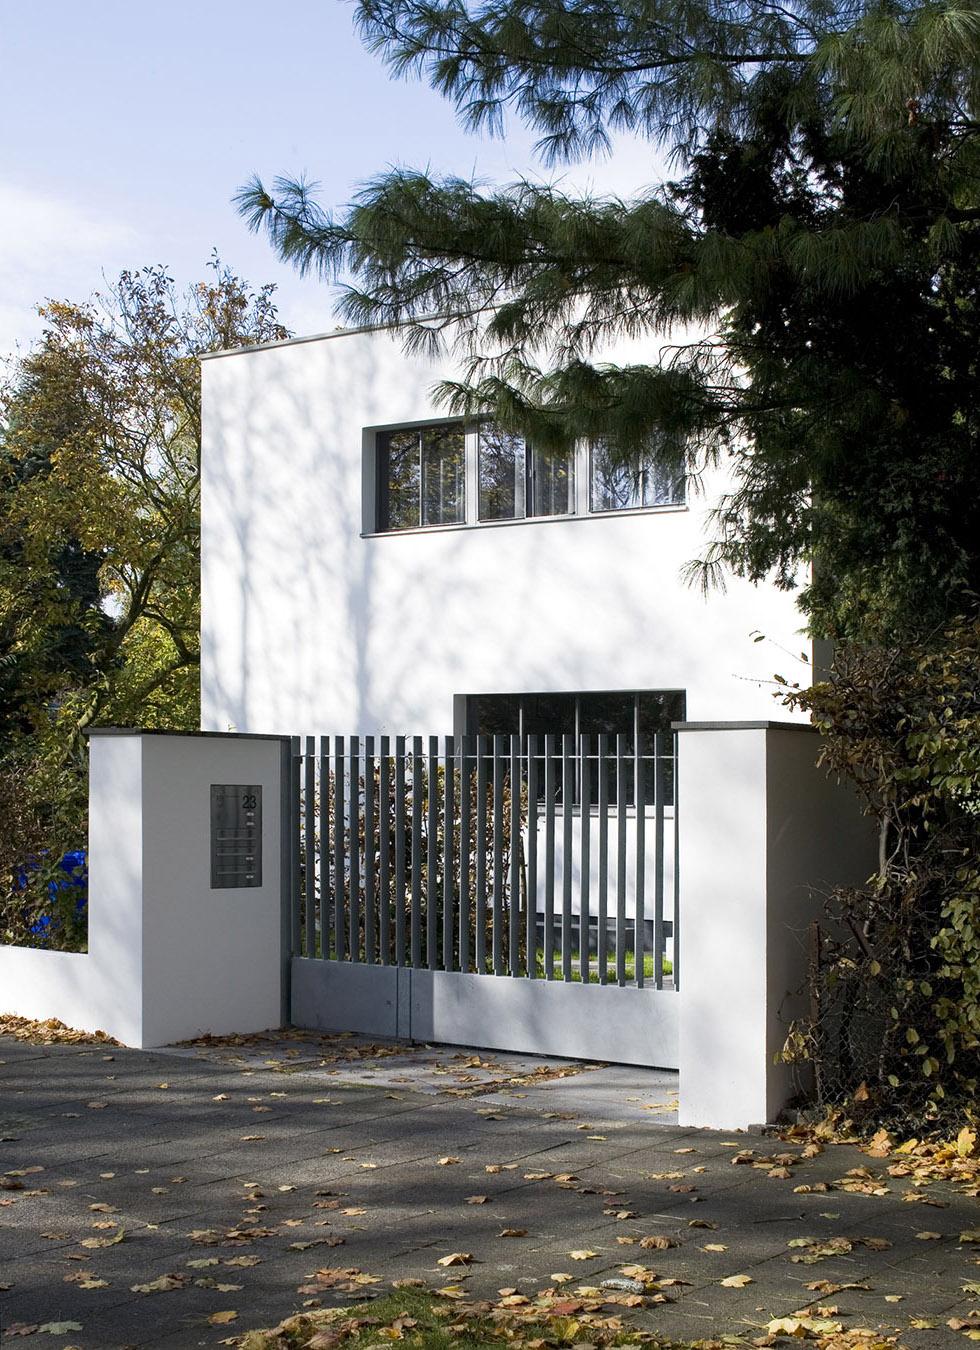 Architekten Kleve haus vogelsang wrede architekten